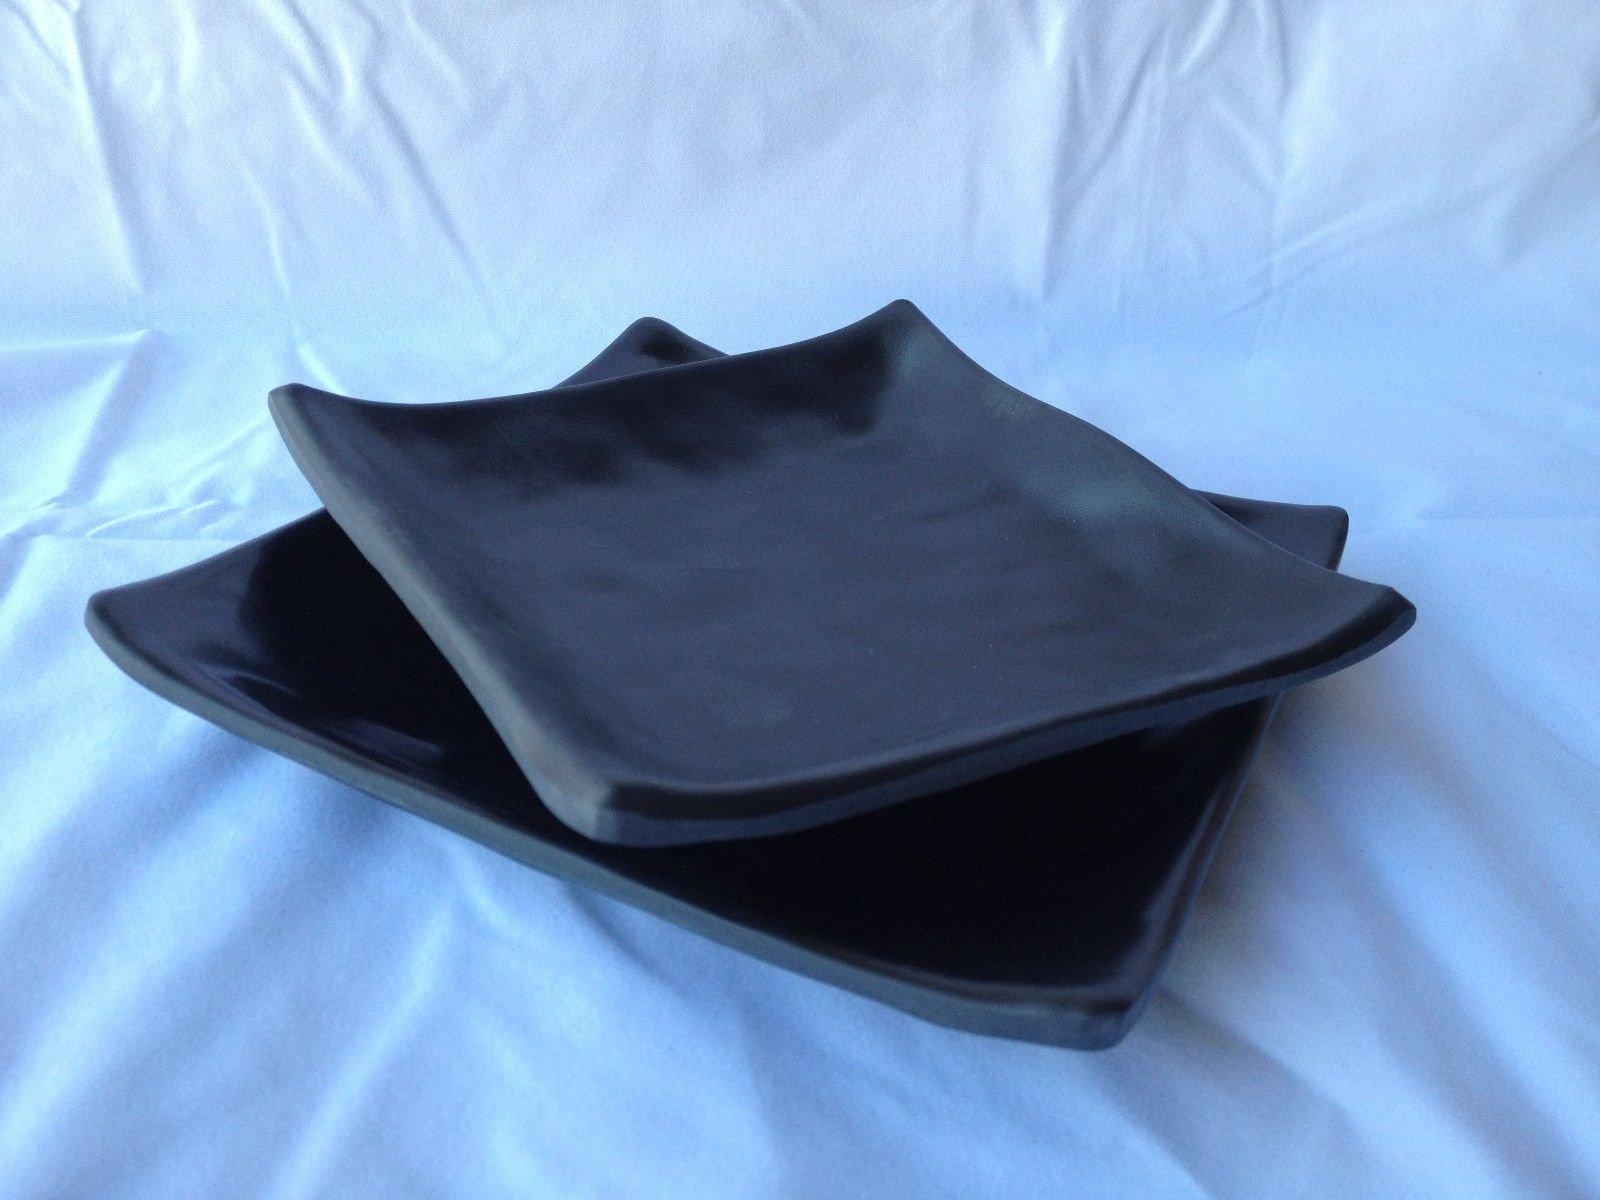 Lucky Star Melamine Square Plates Dinner Appetizer Platter Snack Side Dish, 6'' or 5'', Black (48, 5'' X 5'')